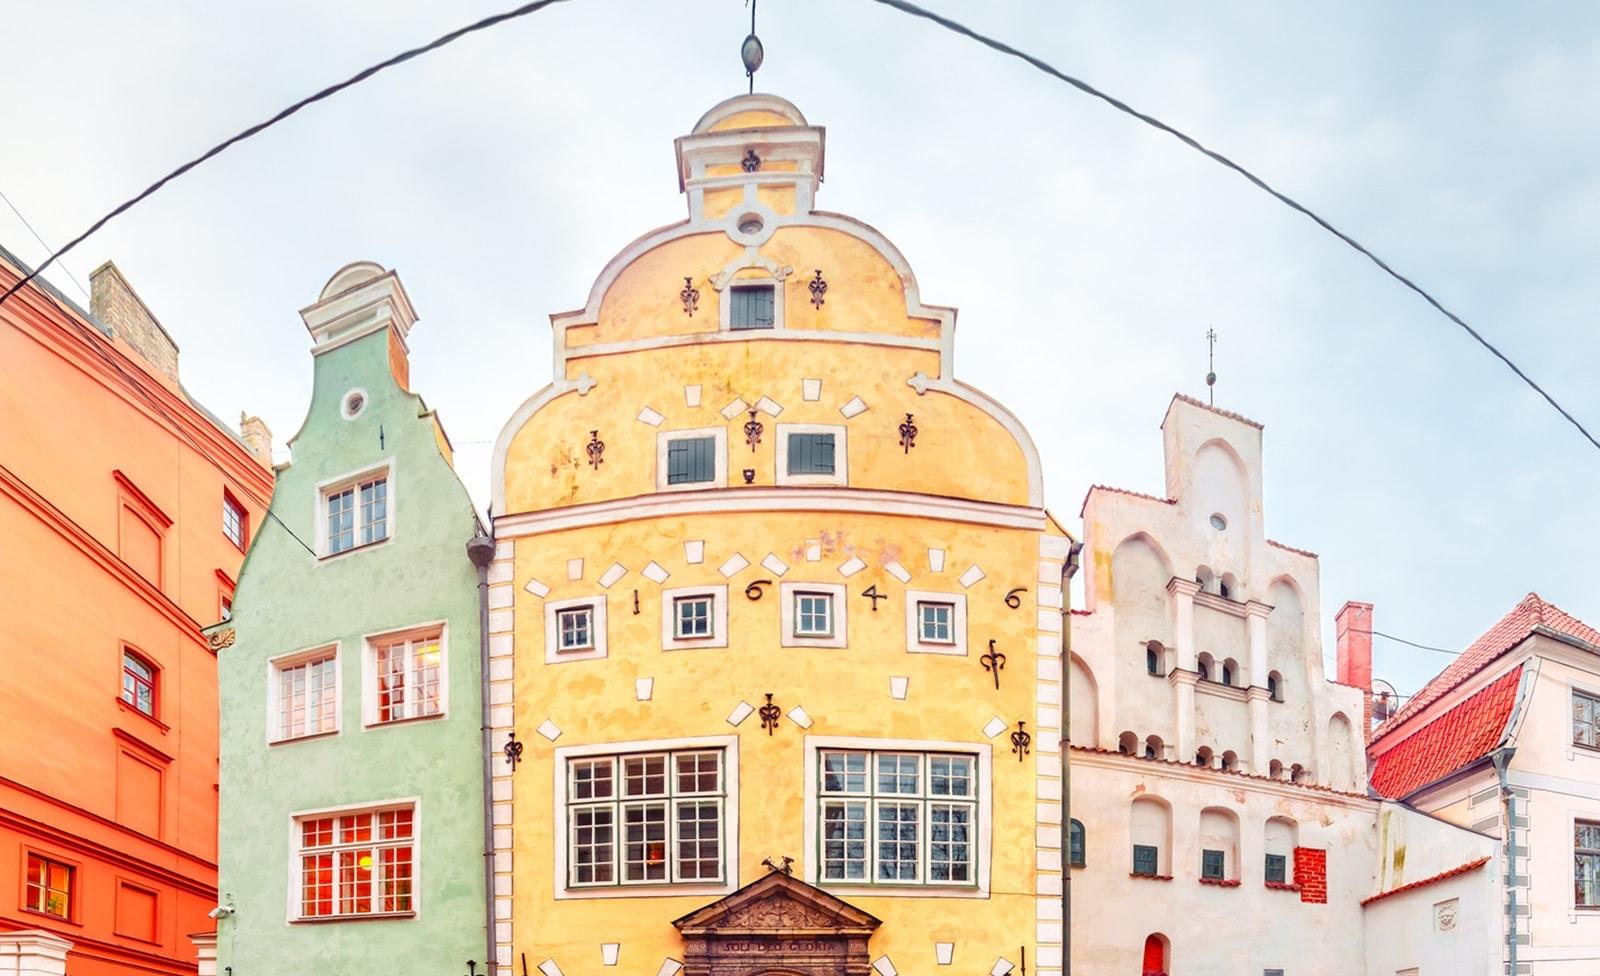 Architelturmuseum Riga